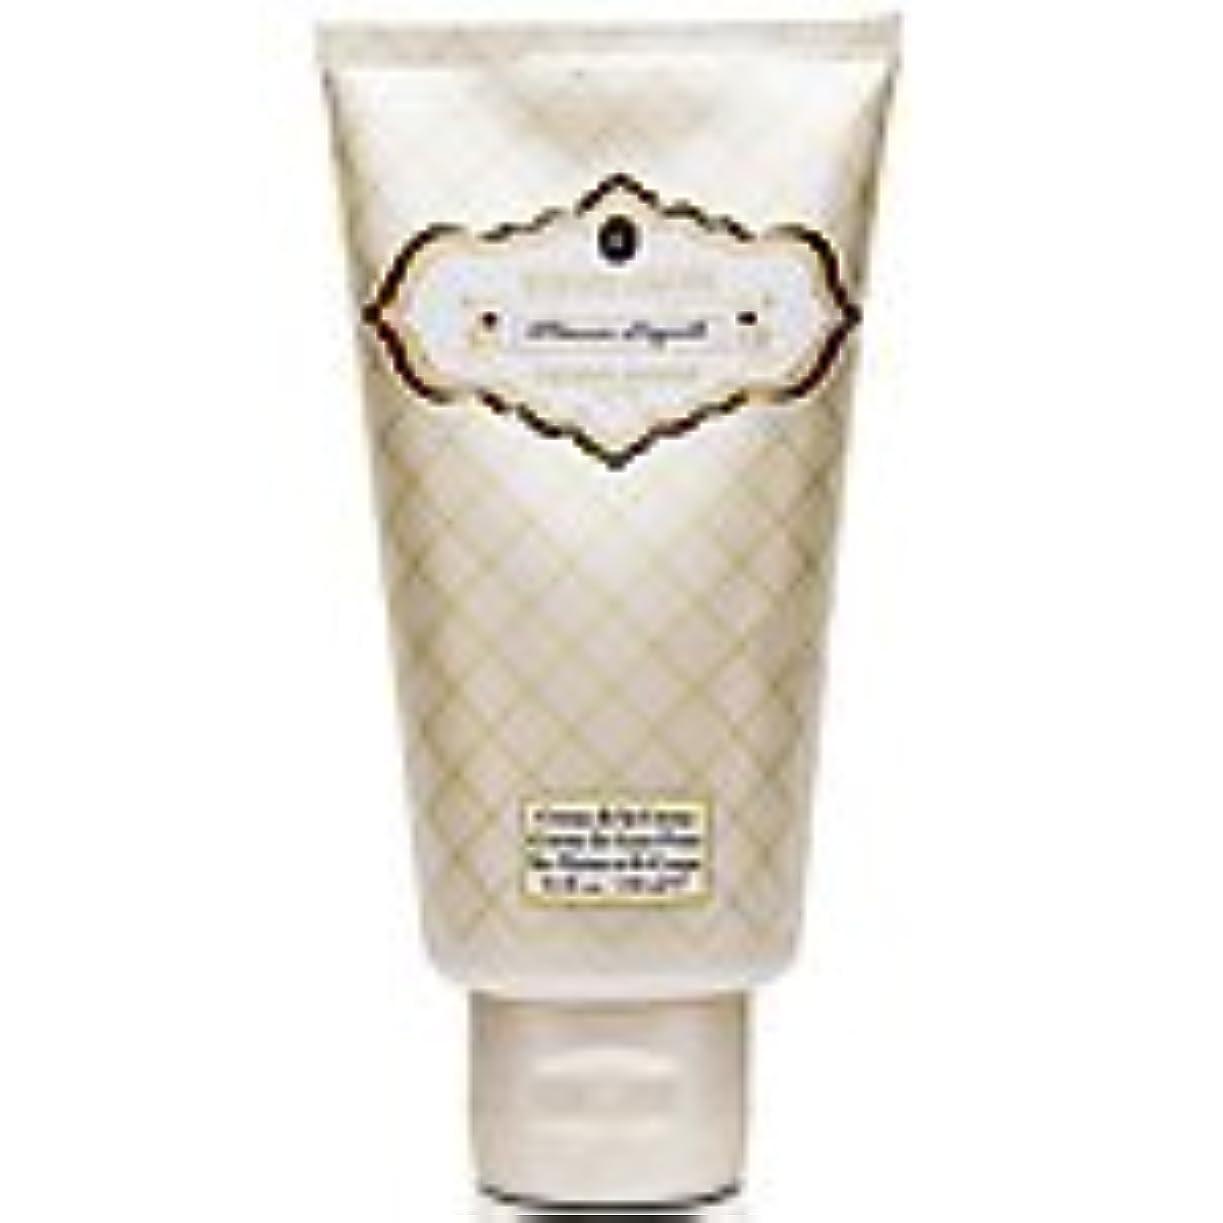 事遡る手荷物Memoire Liquide Reserve - Amour Liquide (メモワールリキッドリザーブ - アモアーリキッド) 5.1 oz (153ml) Body Cream for Unisex